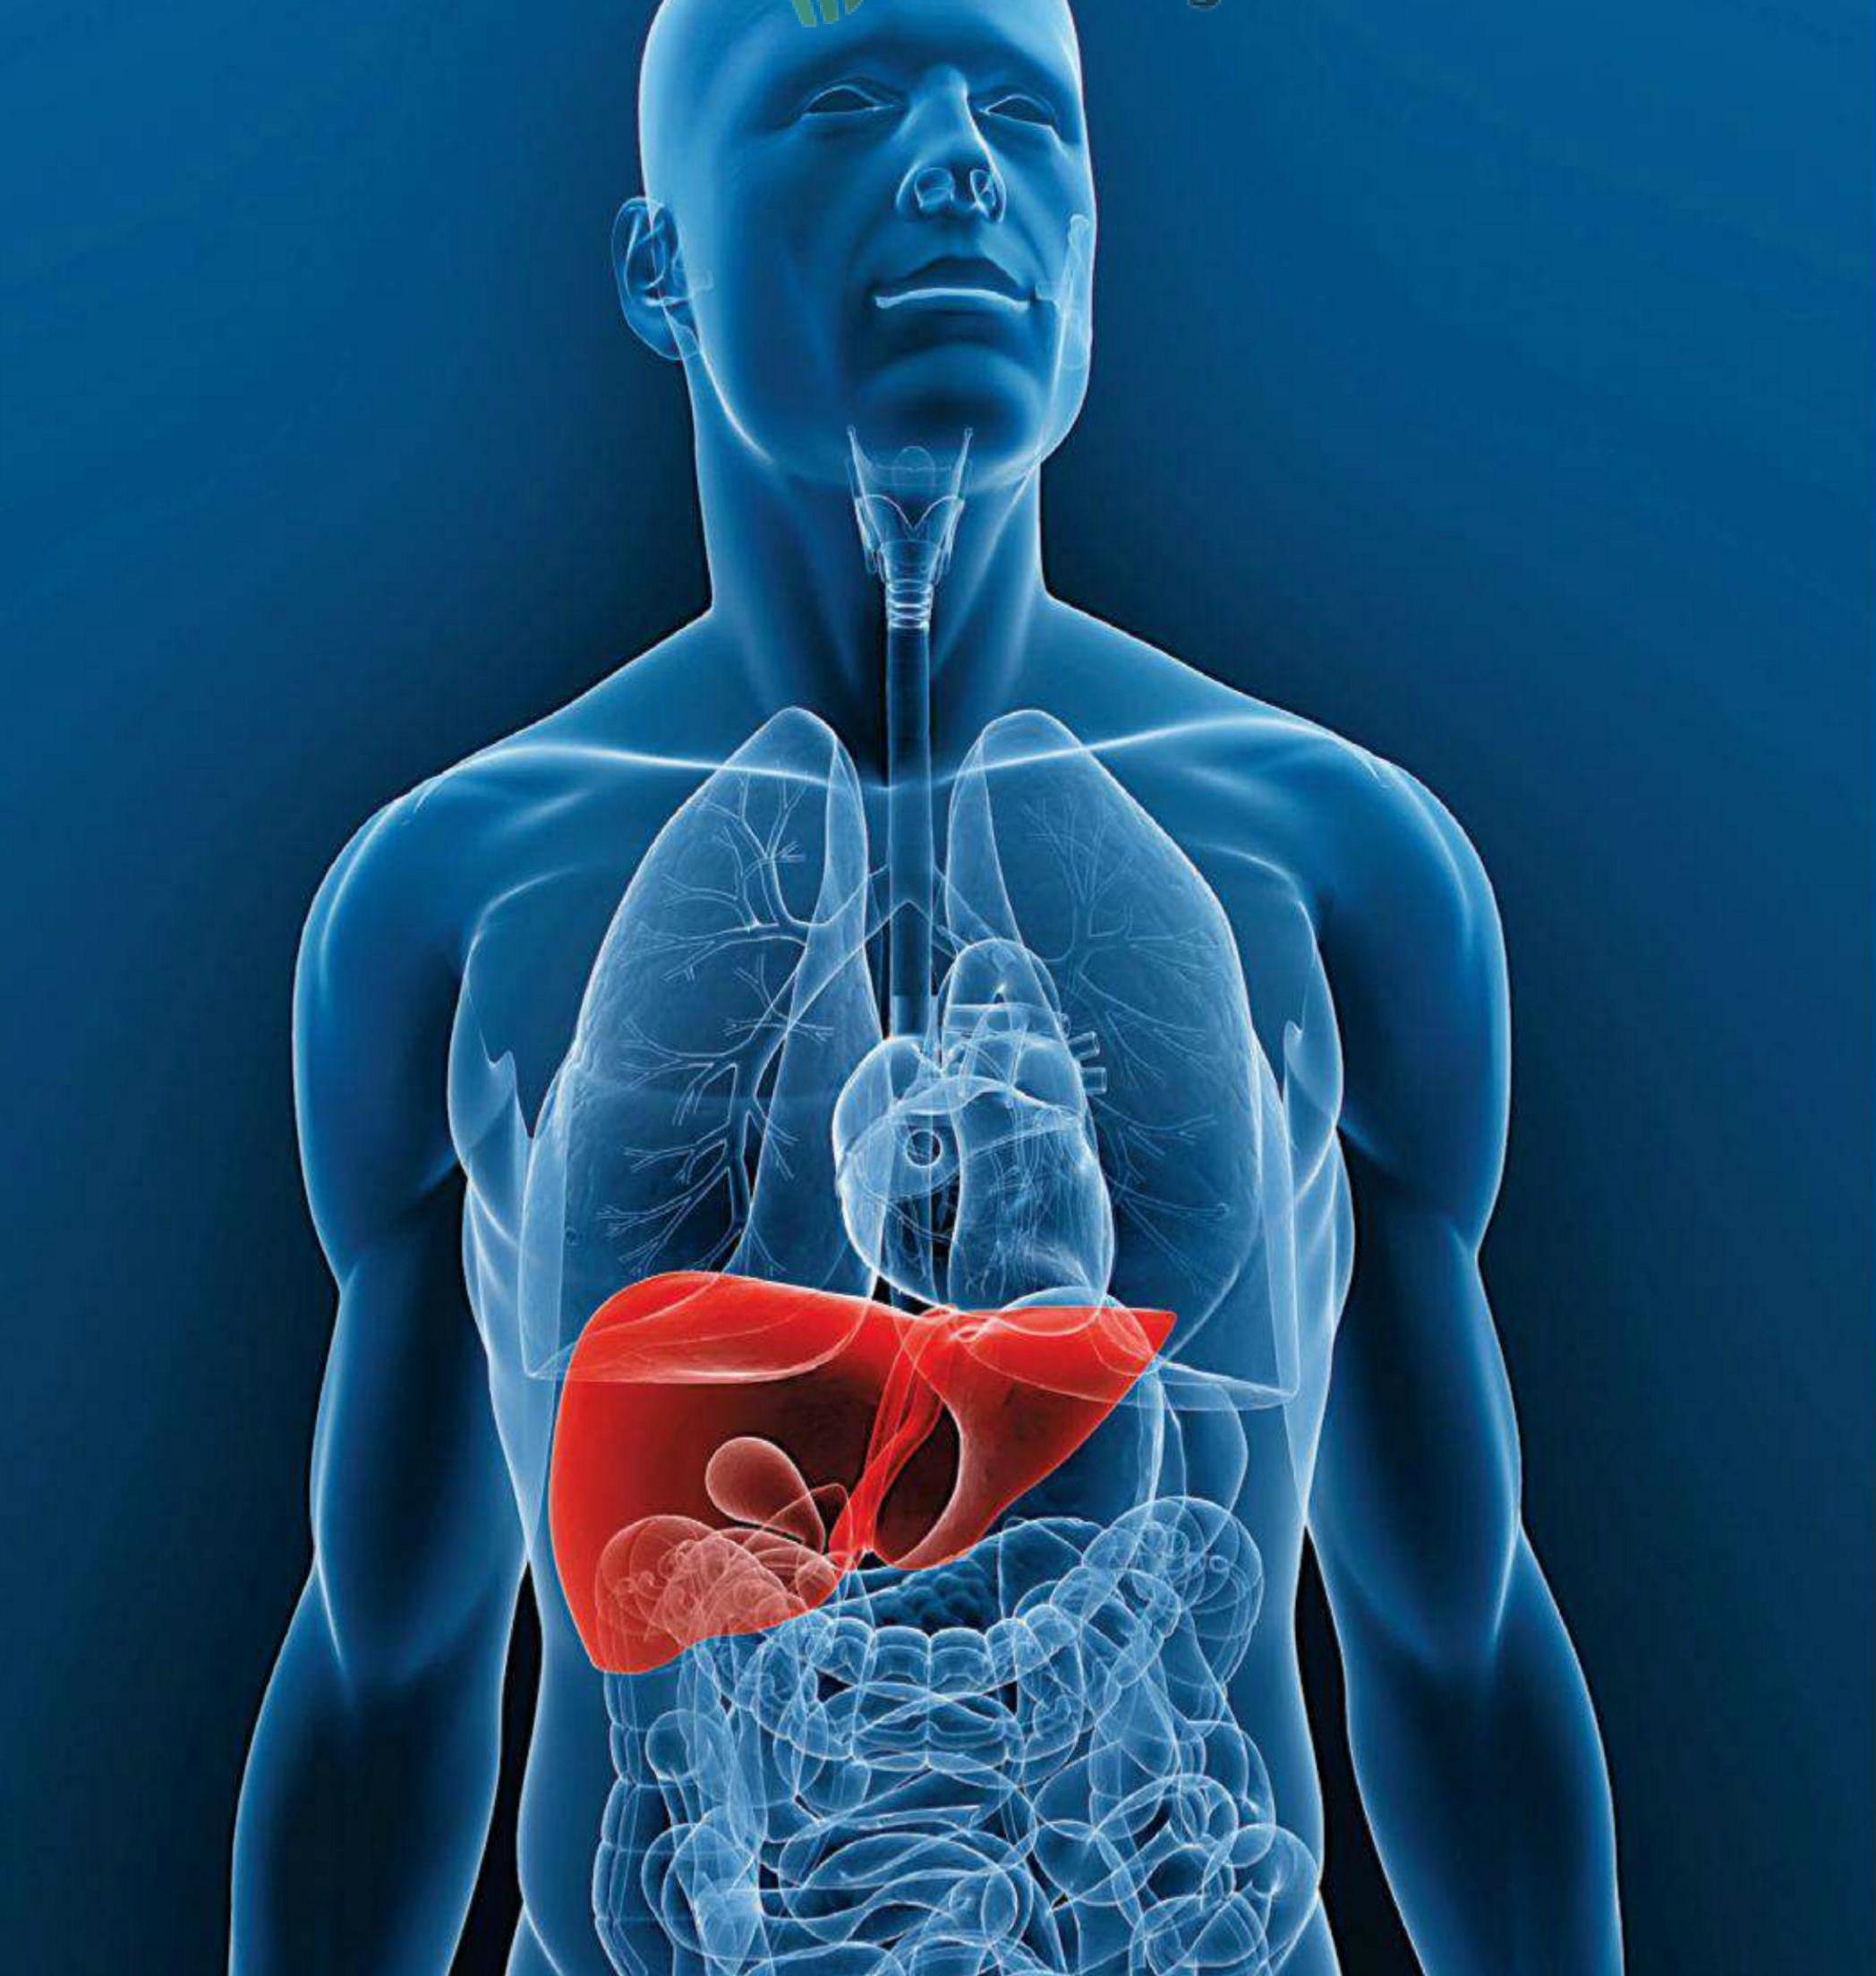 cuales son los enfermedades del hígado? - GreenArea.me